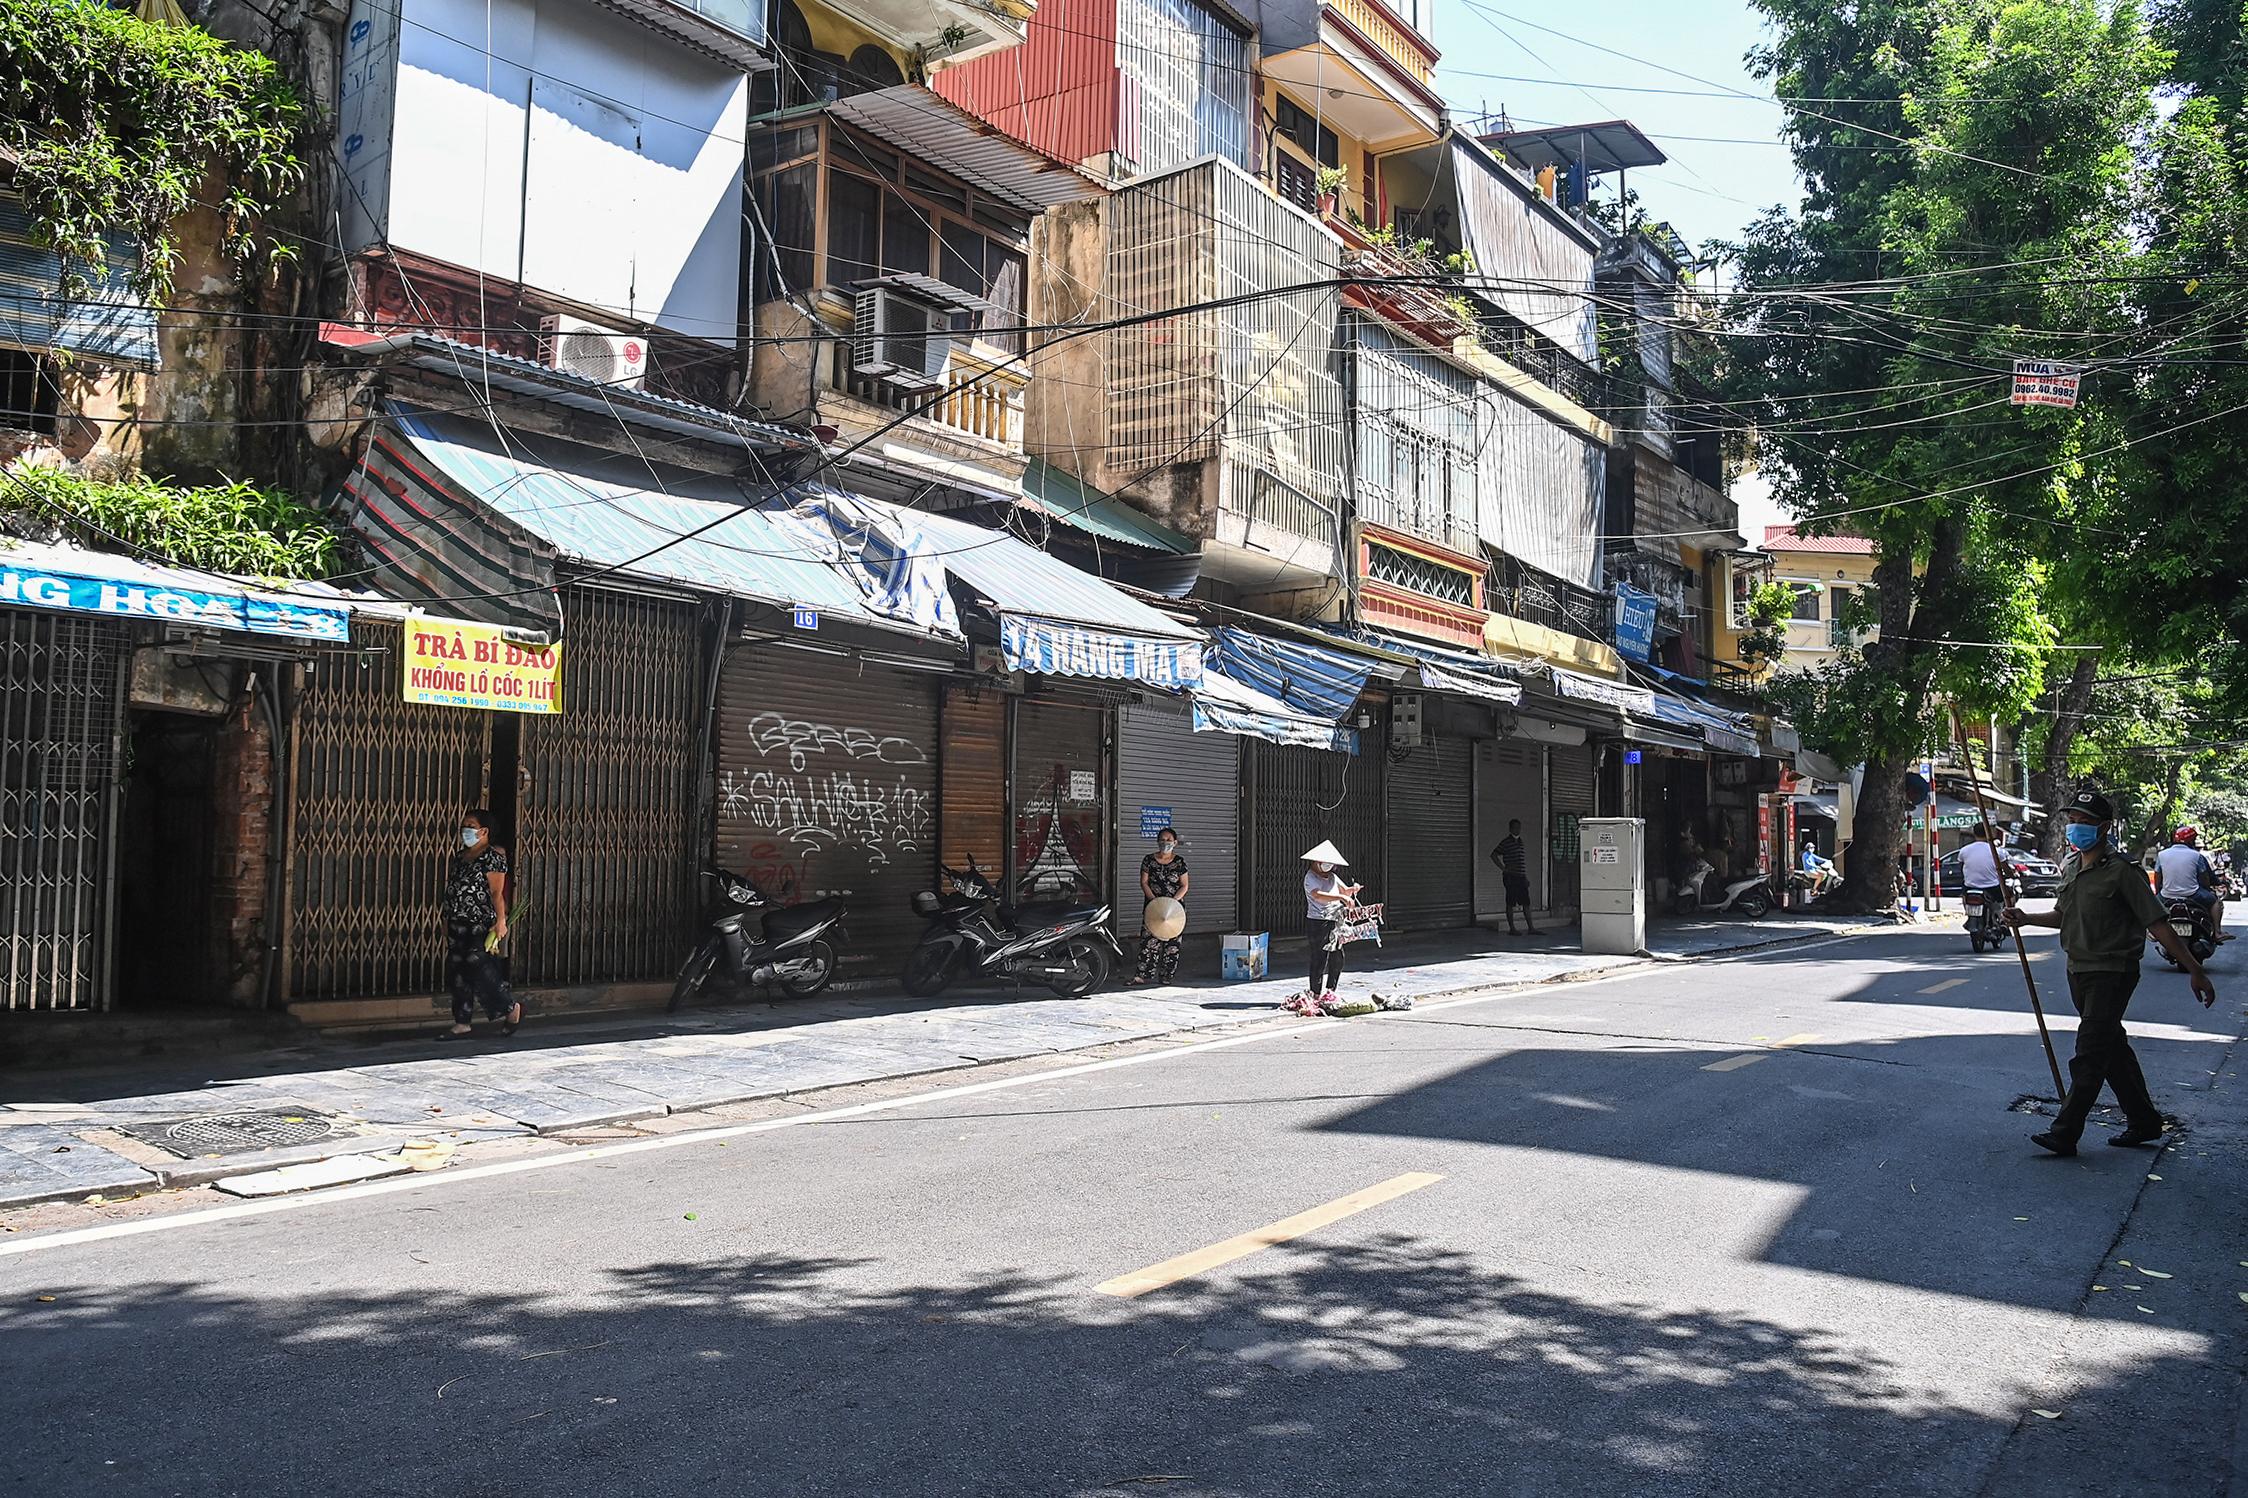 Cửa hàng trên phố Hàng Mã ở Hà Nội đóng cửa kinh doanh trong giãn cách xã hội, ngày 19/9. Ảnh: Giang Huy